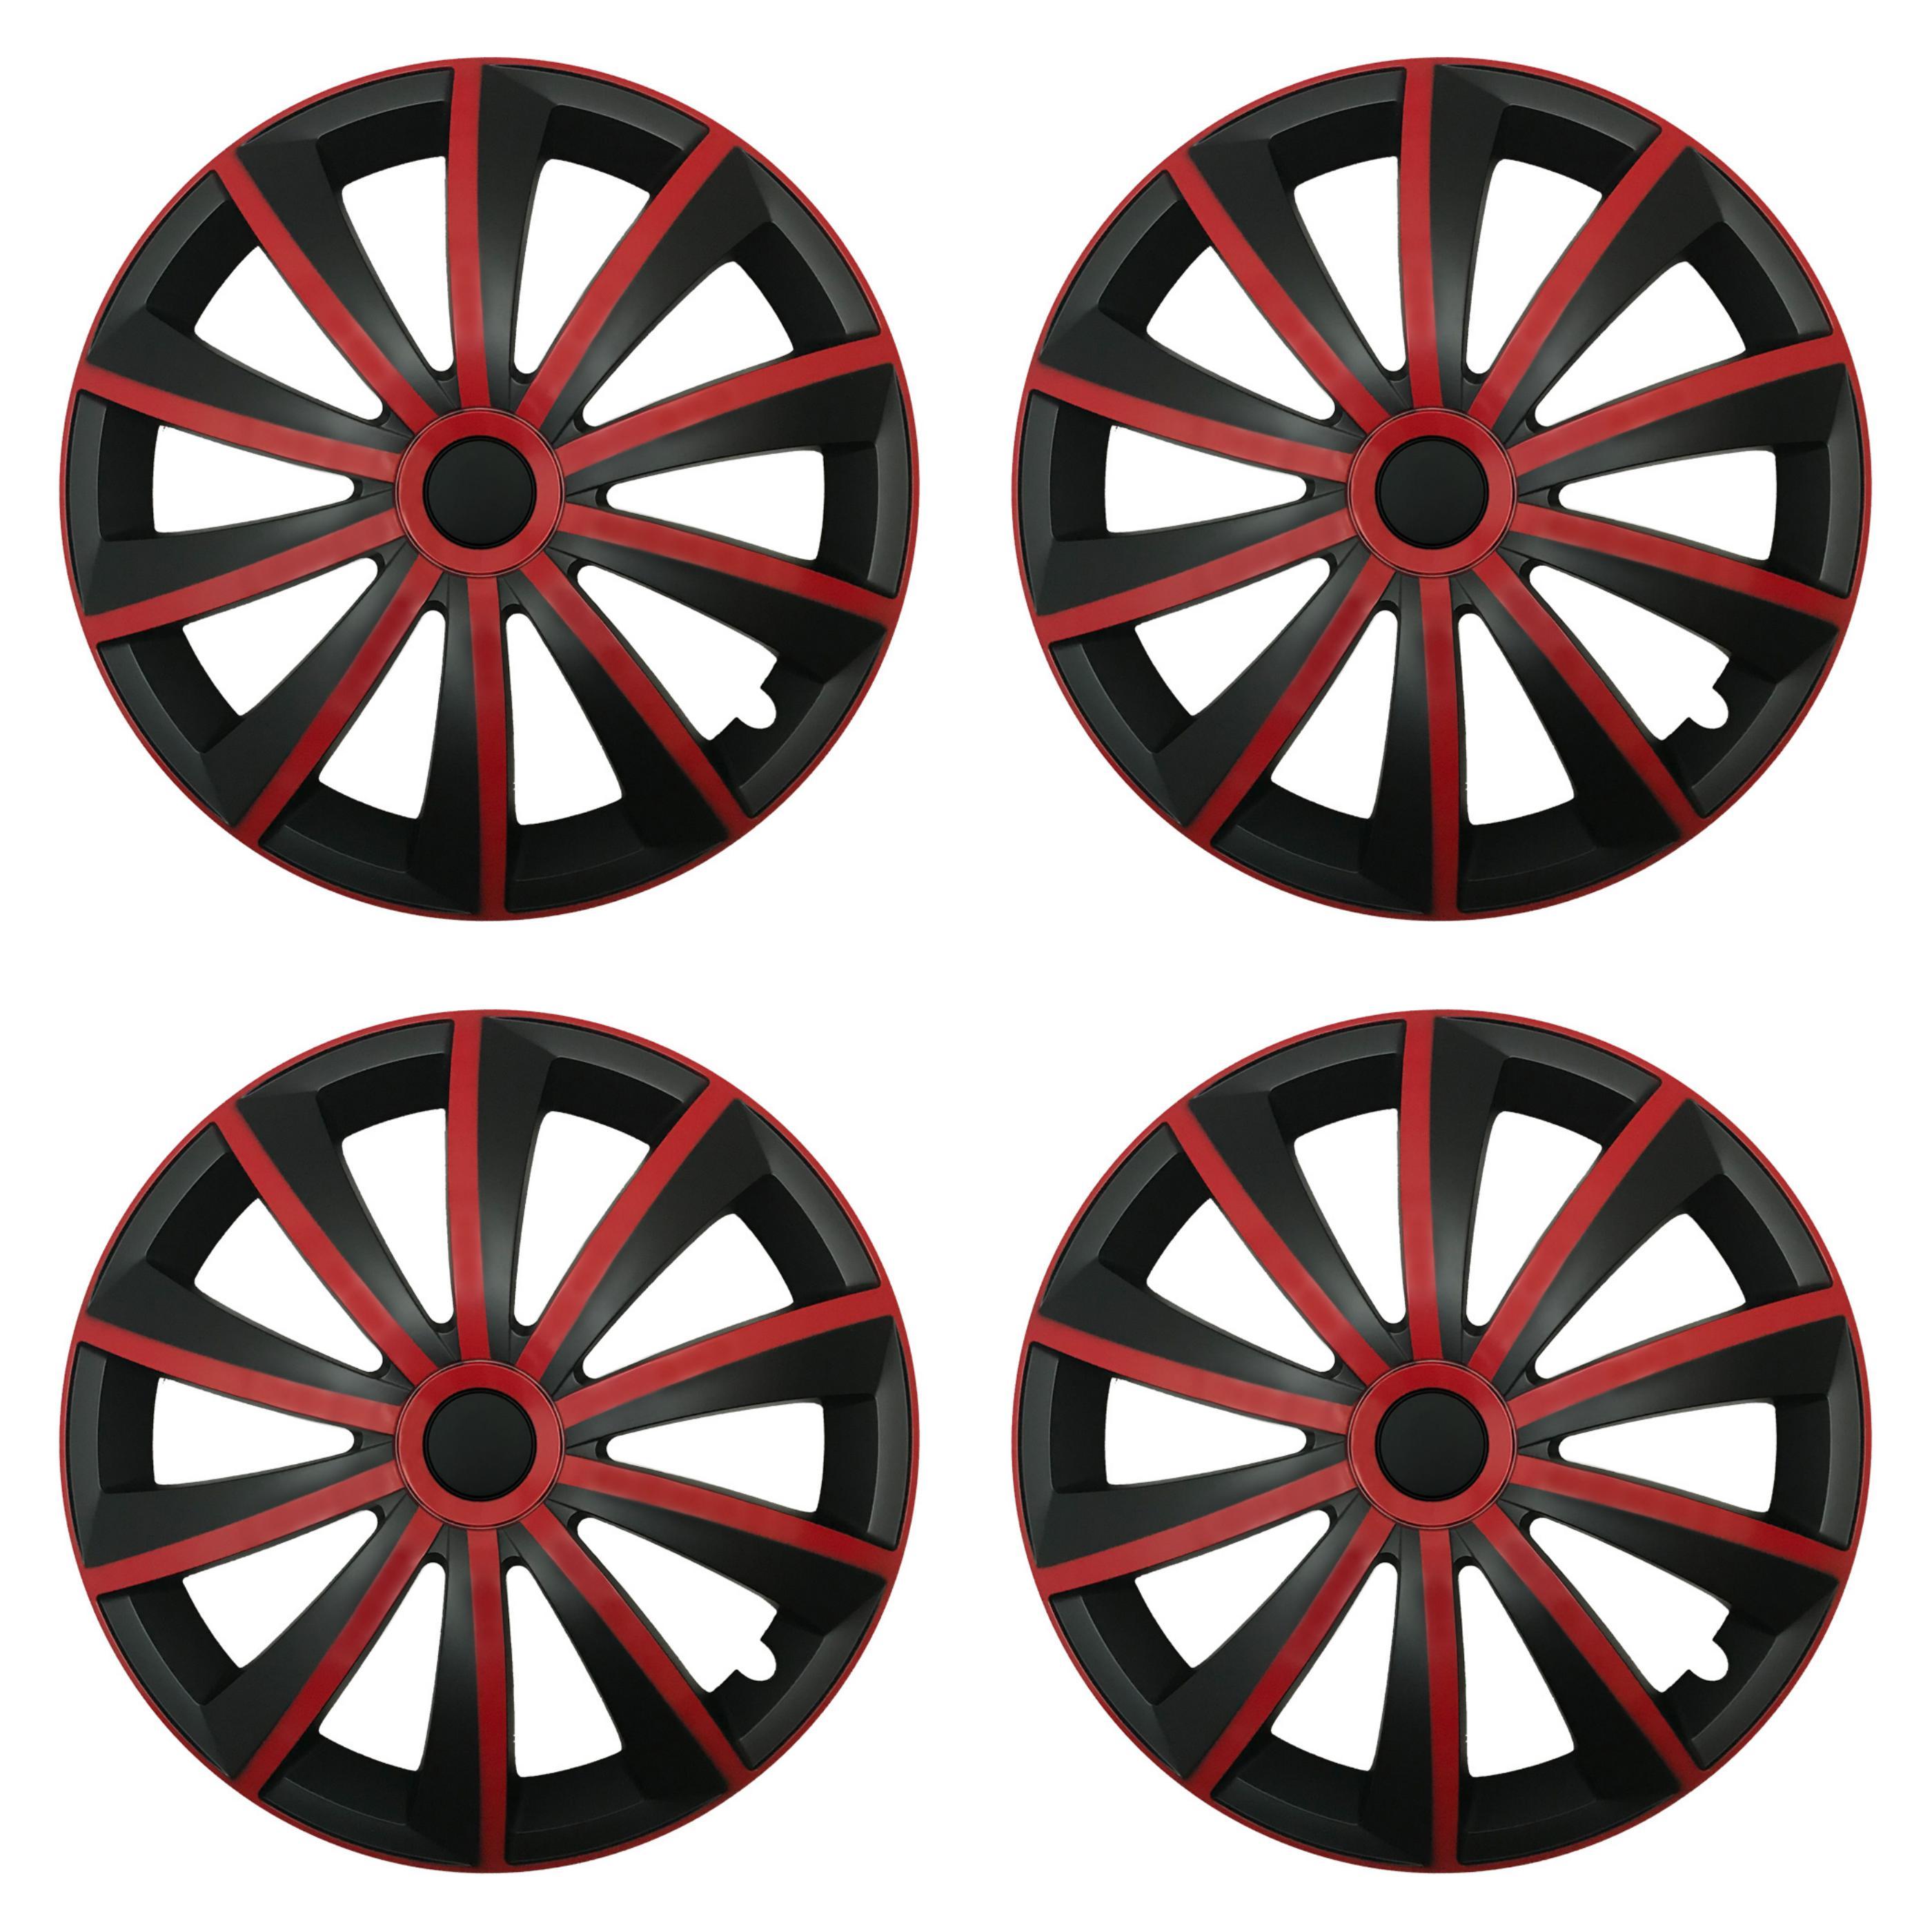 Radkappen Gral rot schwarz